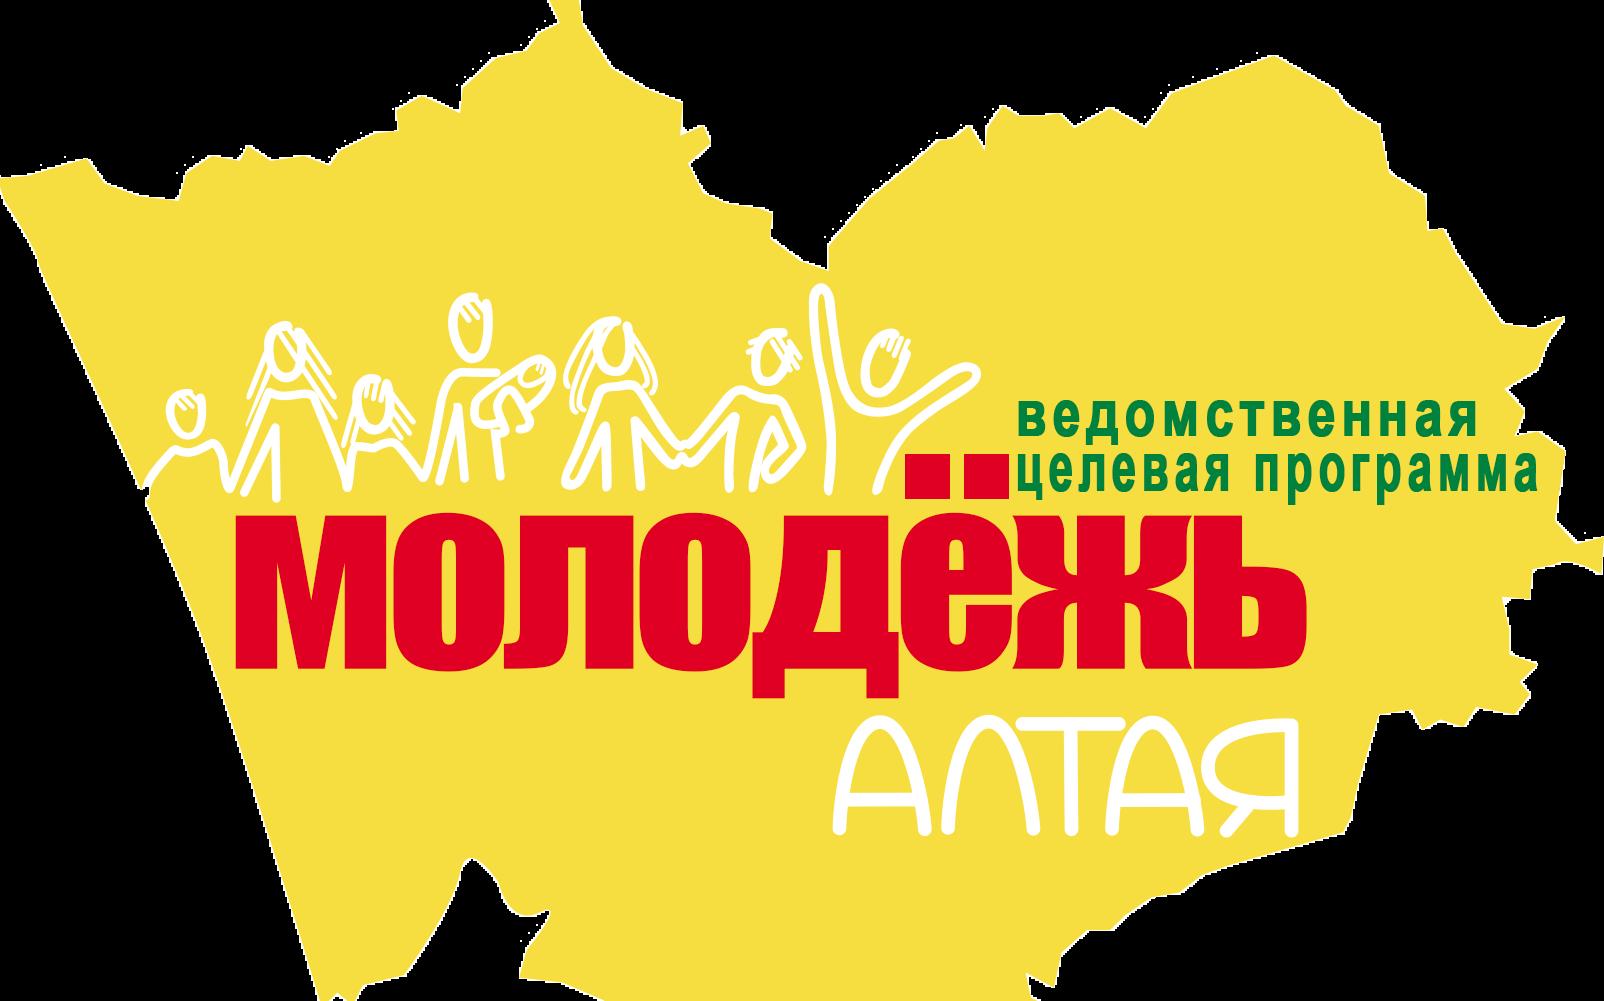 Заканчивается прием заявок на участие в конкурсе социально значимых проектов на предоставление грантов Губернатора Алтайского края в сфере молодёжной политики